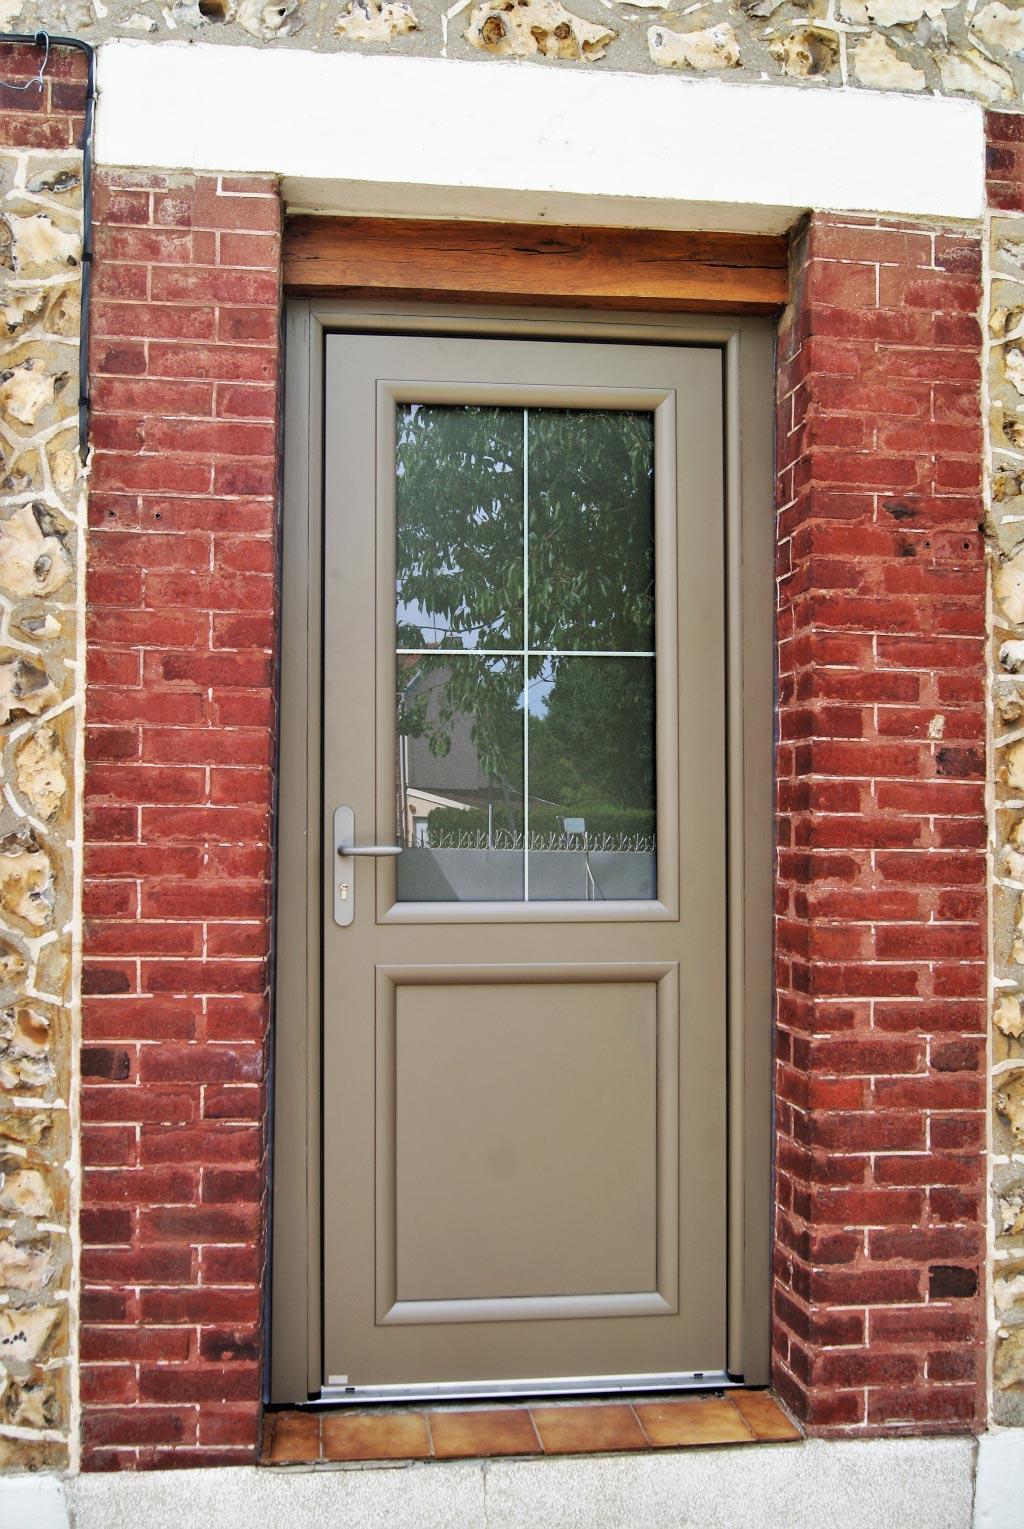 Remplacement / Installation , d'une porte d'entrée aluminium Bel'm par artisan Rge, Saint Etienne du Rouvray , 76 -Seine Maritime (76)